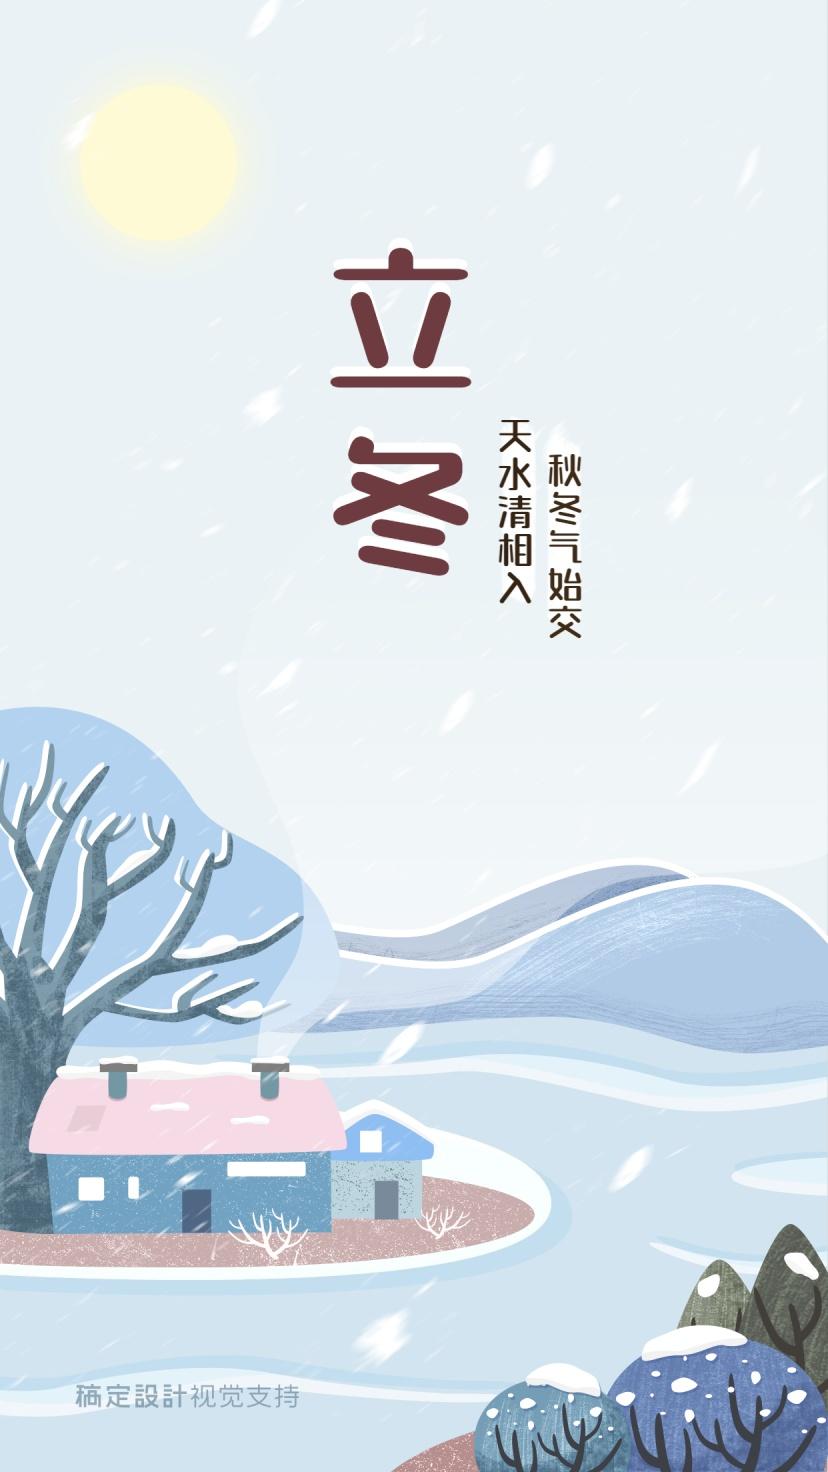 小寒/插画/节日节气/保暖过冬